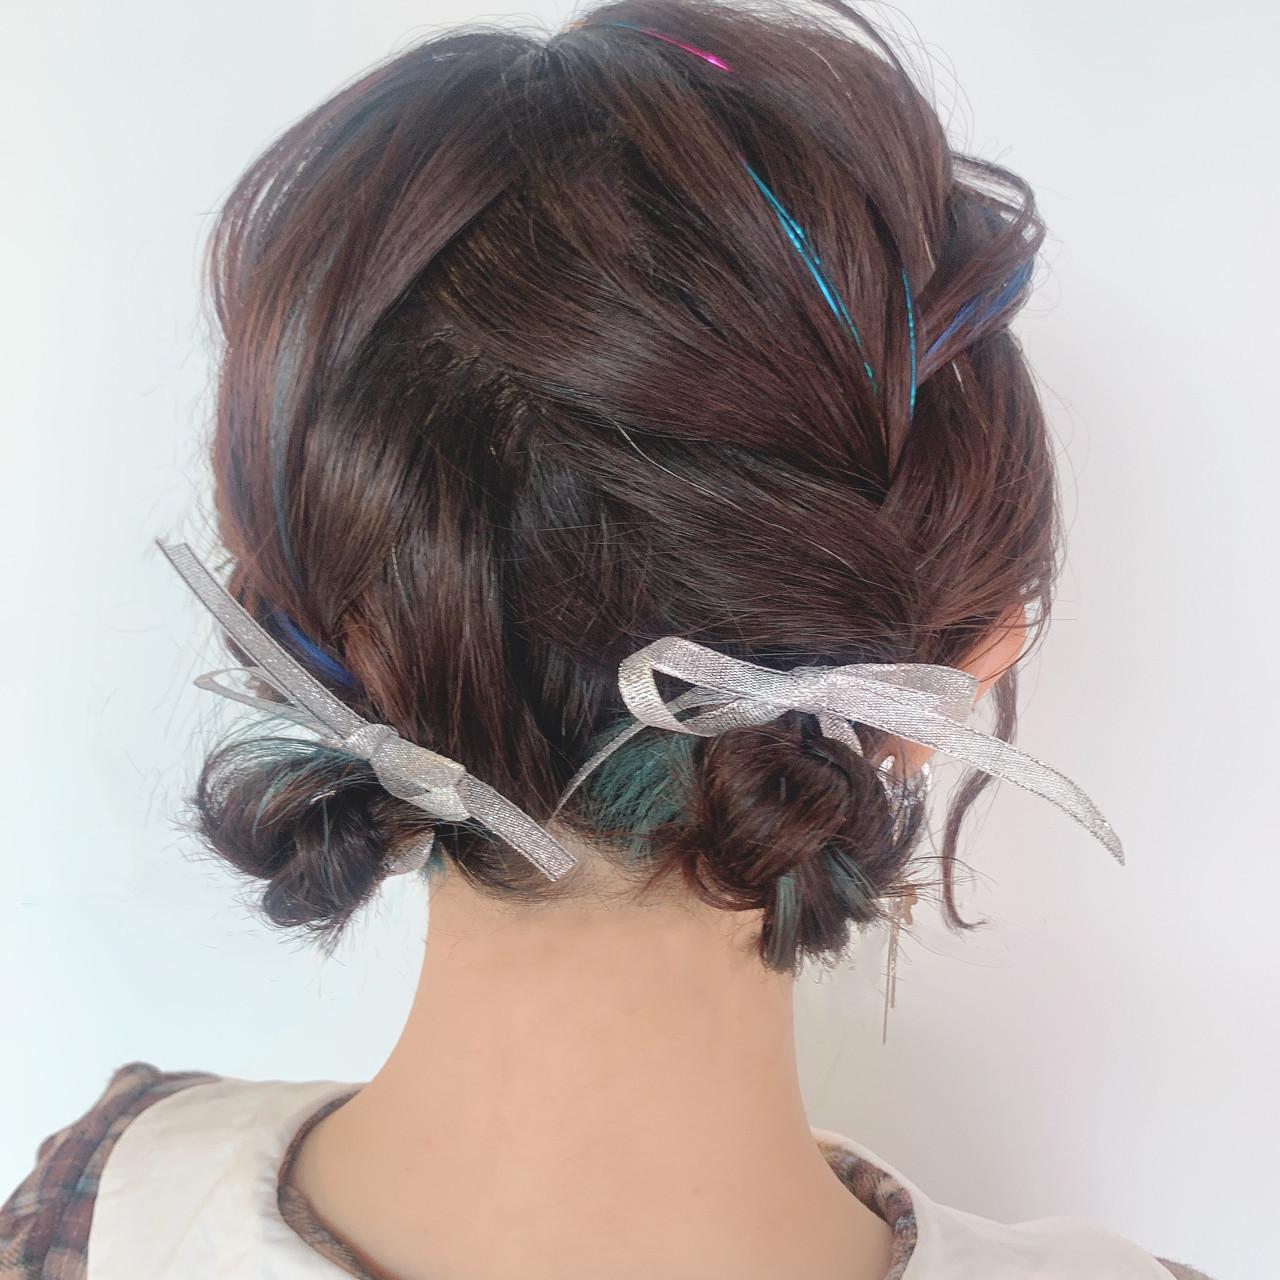 結婚式ヘアアレンジ ヘアアレンジ 簡単ヘアアレンジ デート ヘアスタイルや髪型の写真・画像